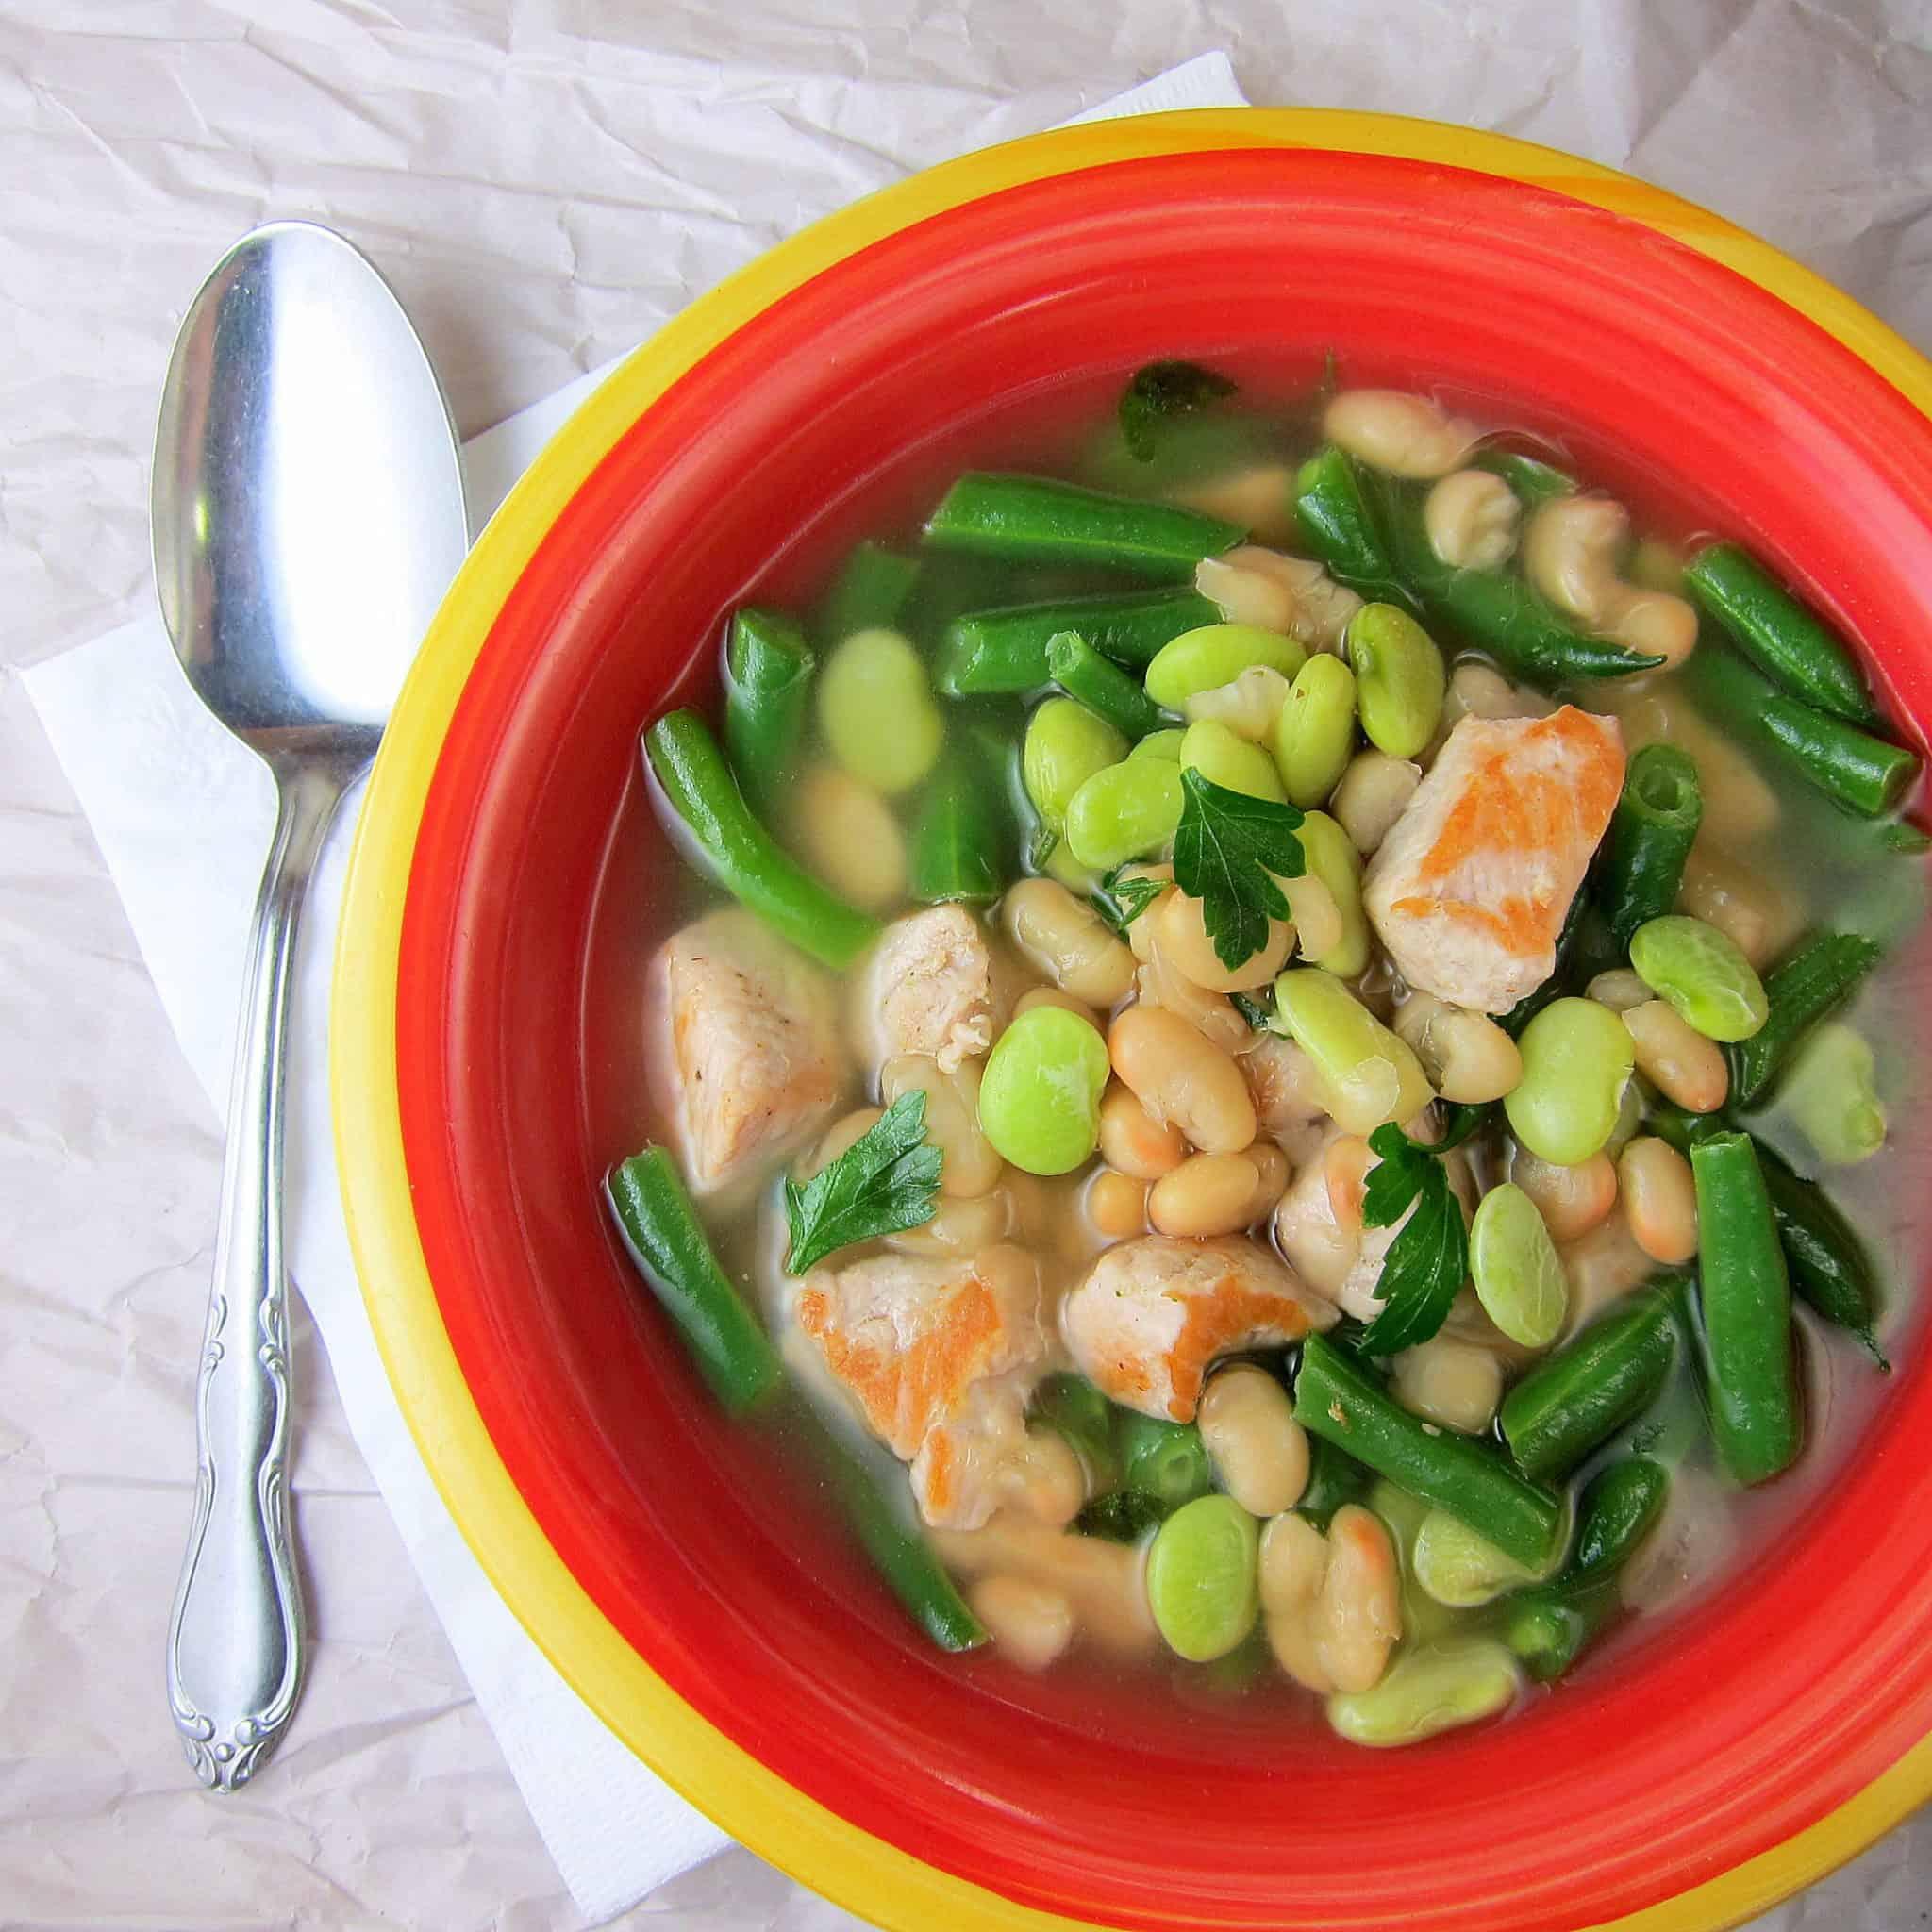 Pork three-bean soup